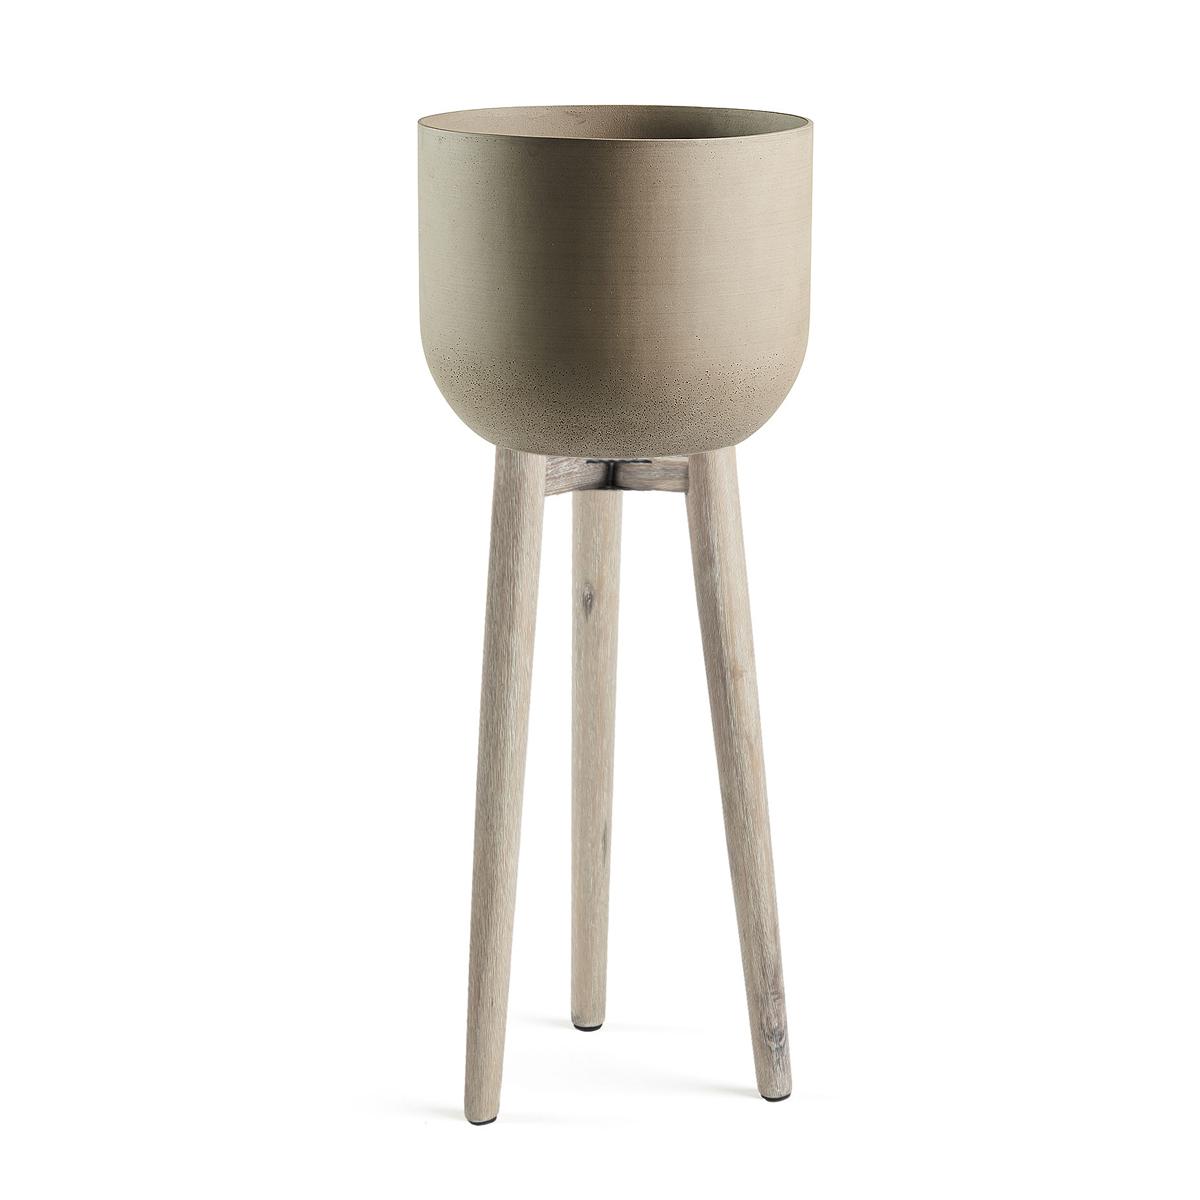 Cachepot en ciment avec pieds en bois - Taupe - Ø 40 cm x H 97 cm